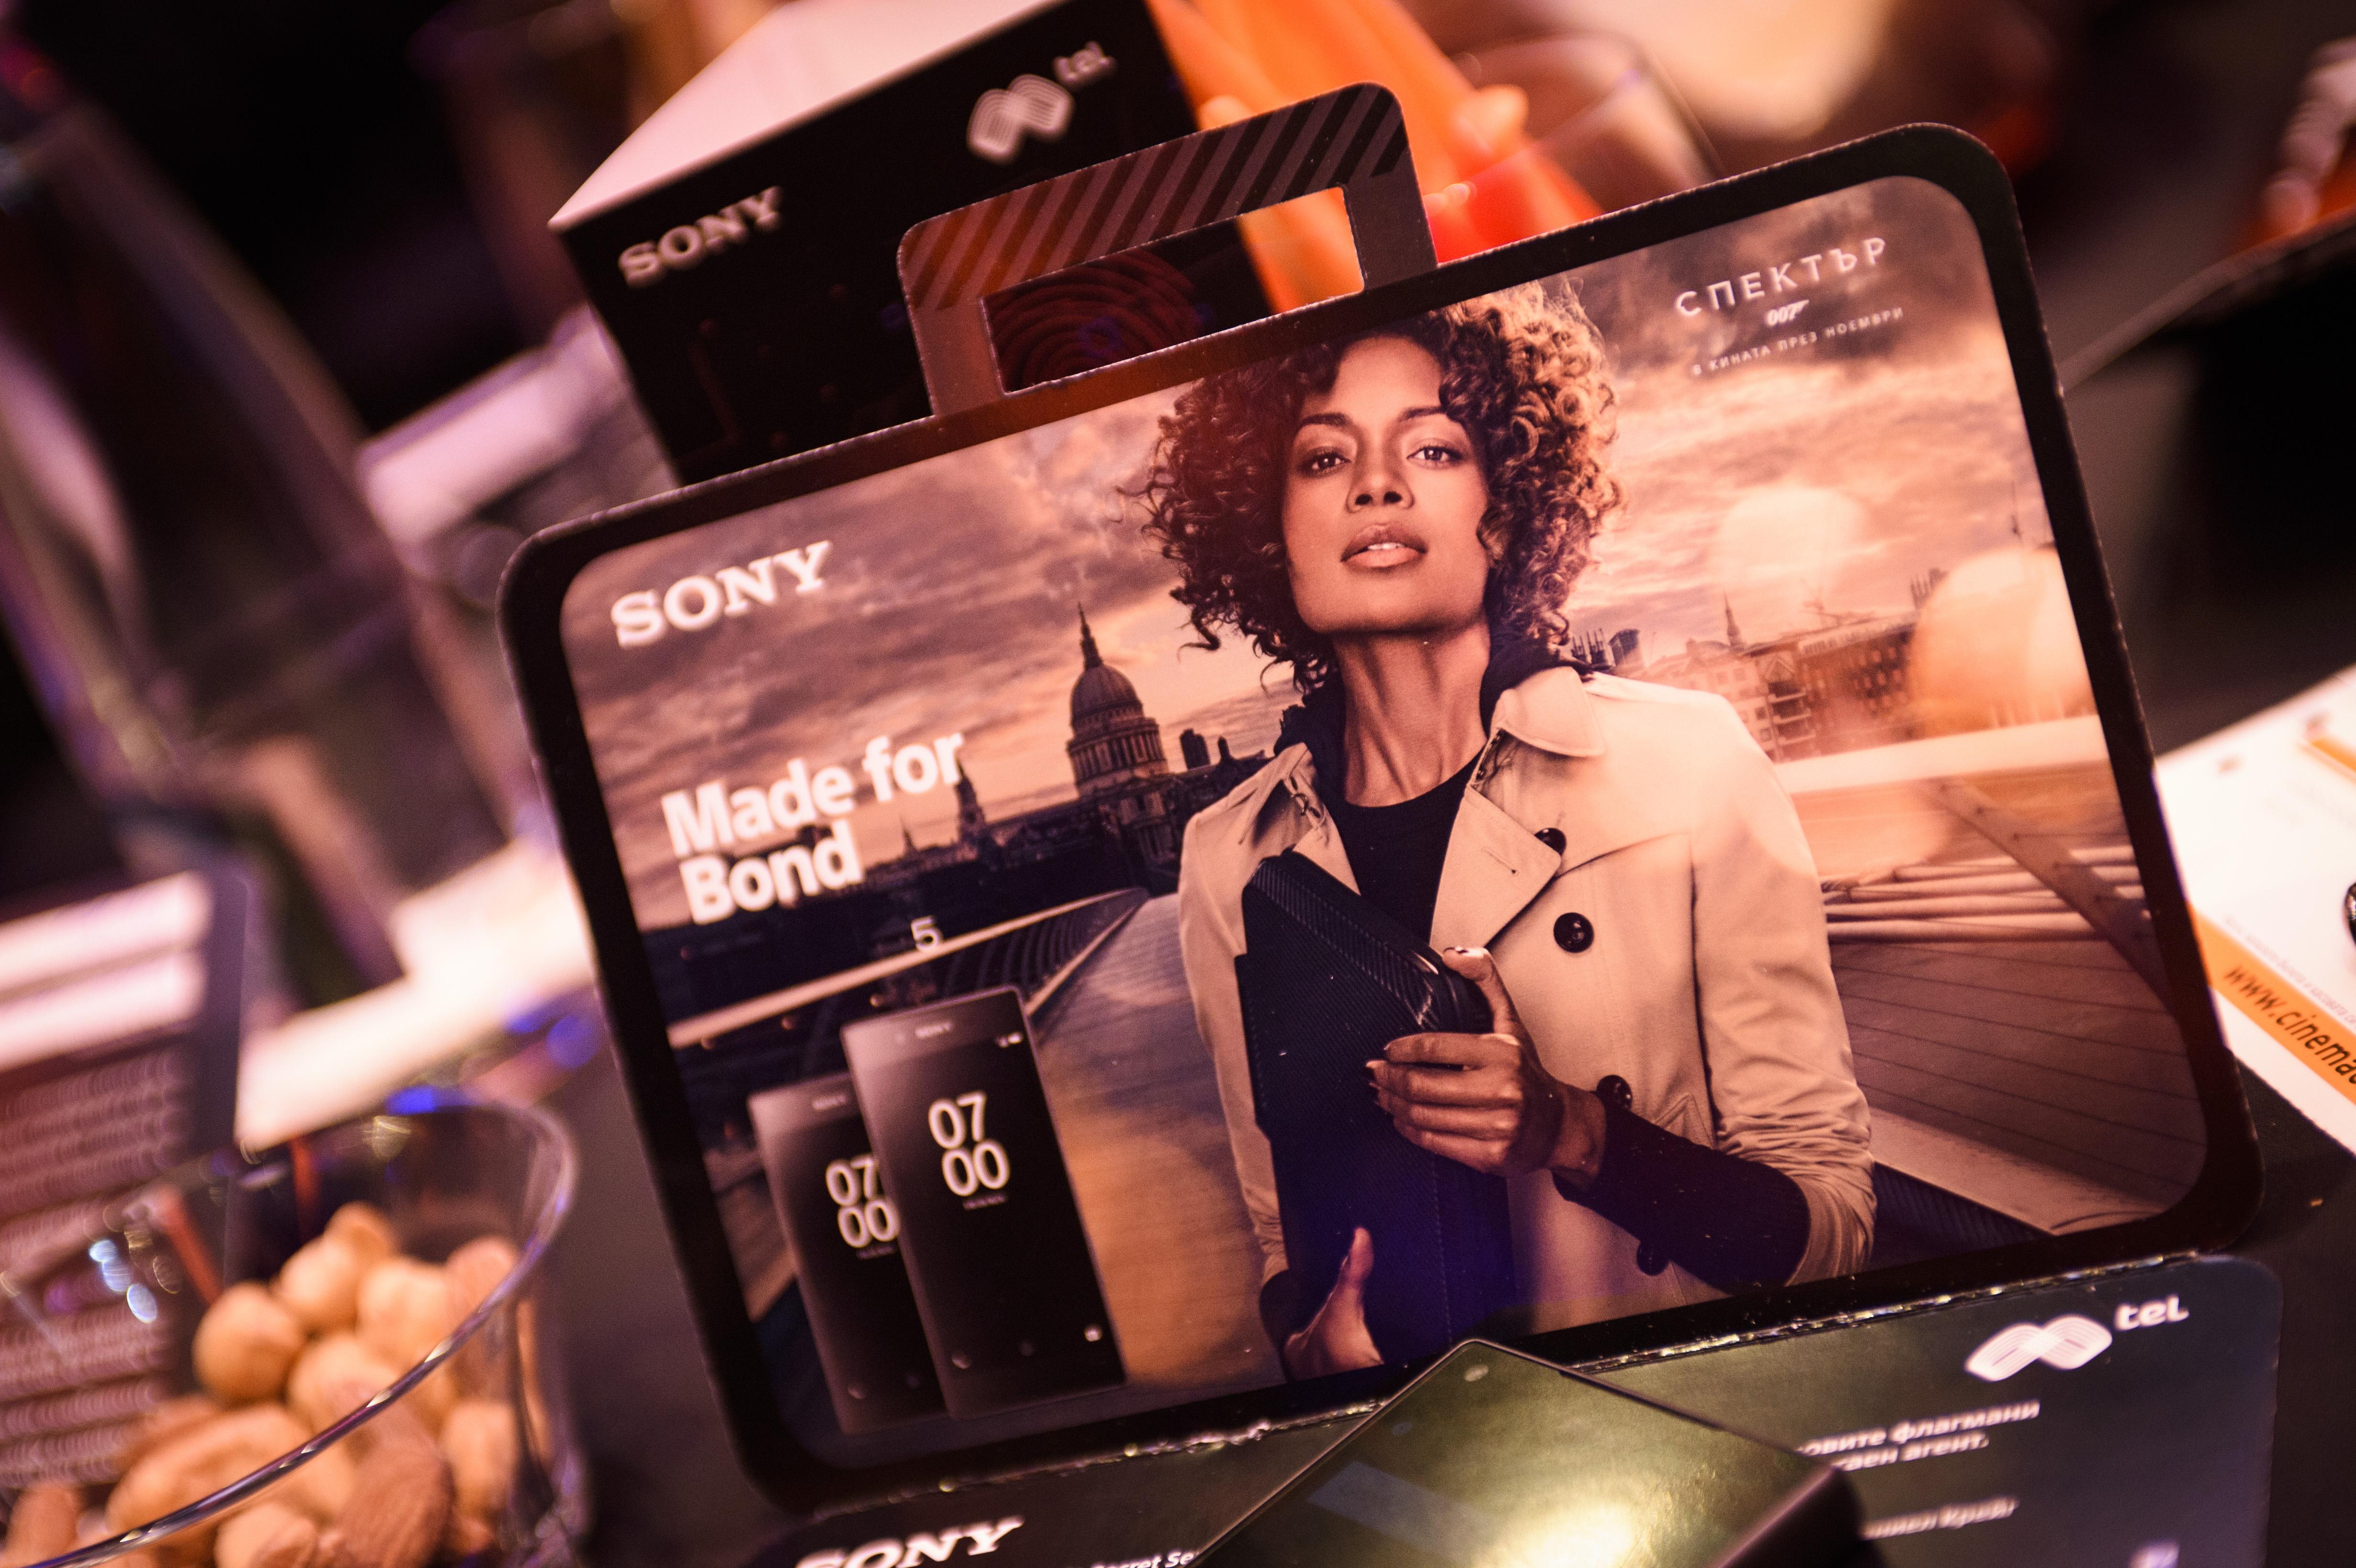 Премиера на новия филм по Джеймс Бонд - Спектър - и на смартфона Sony Xperia Z5